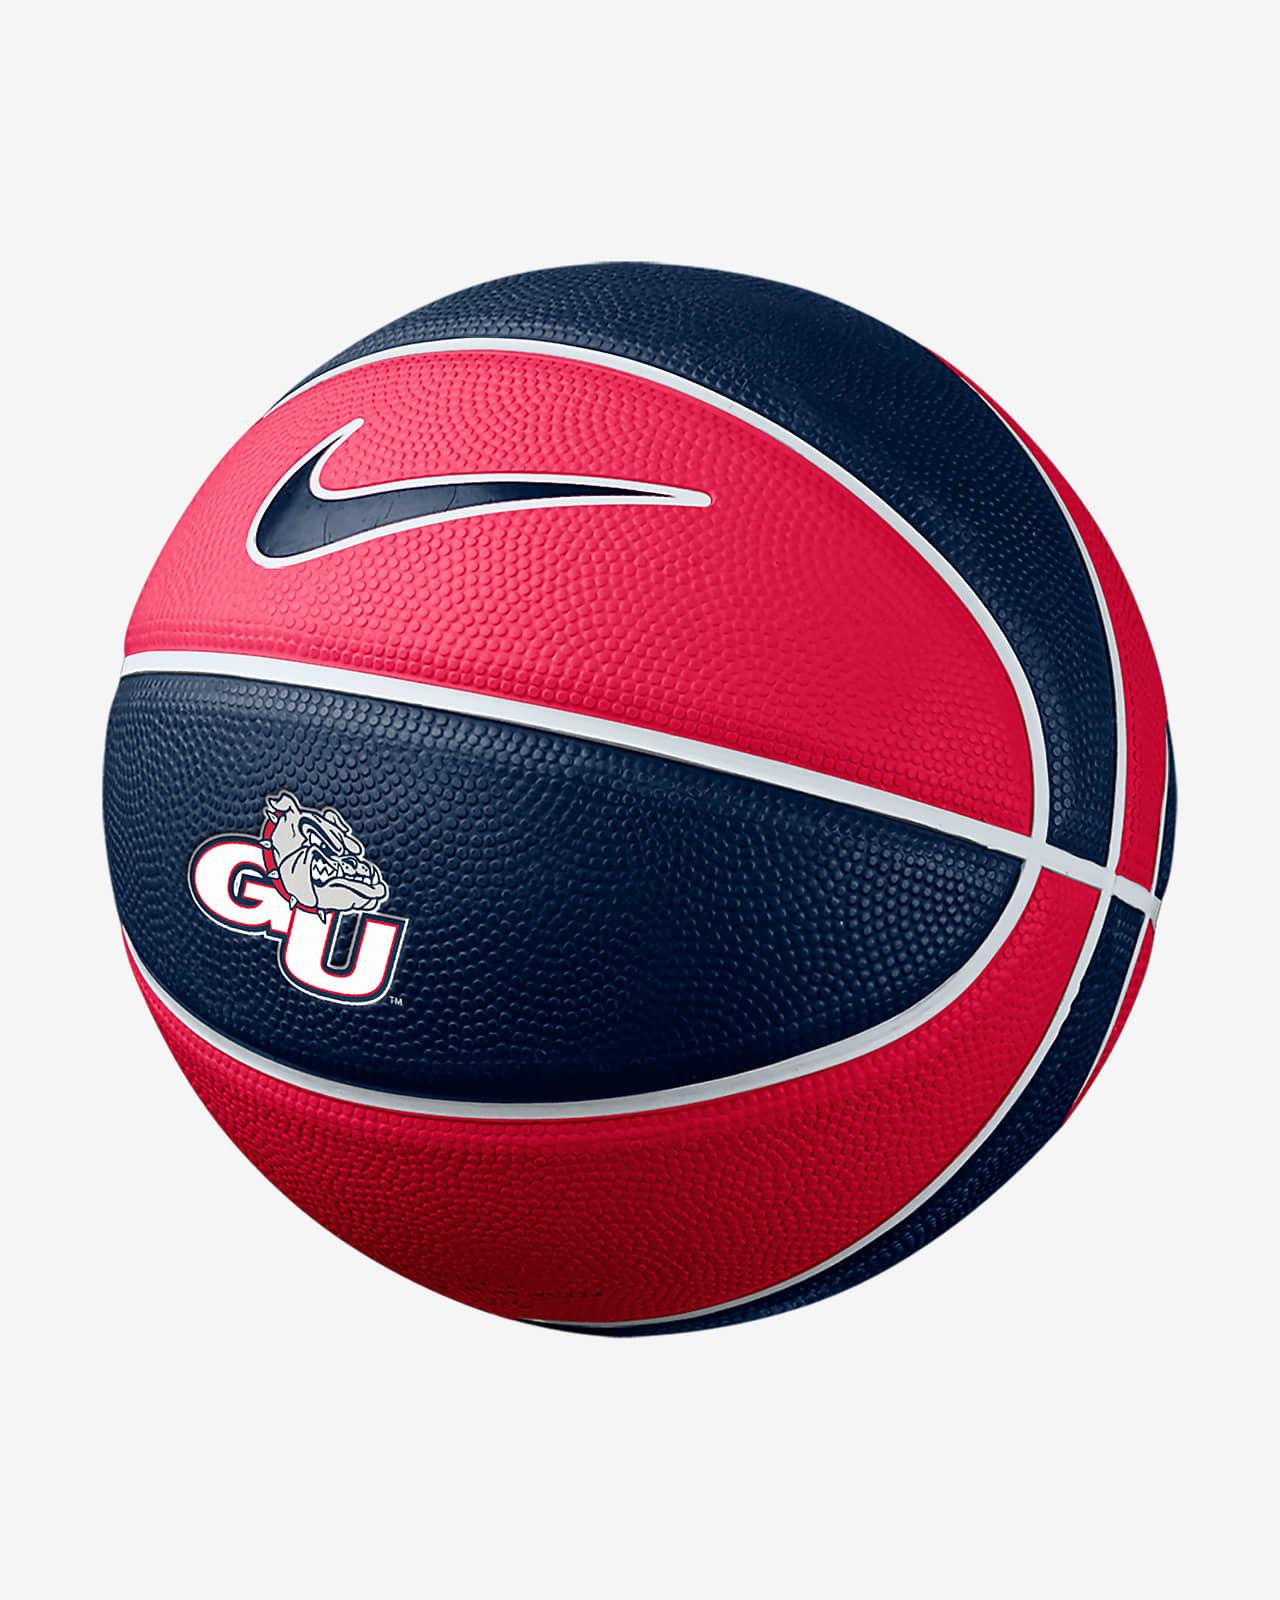 Nike College Mini (Gonzaga) Basketball